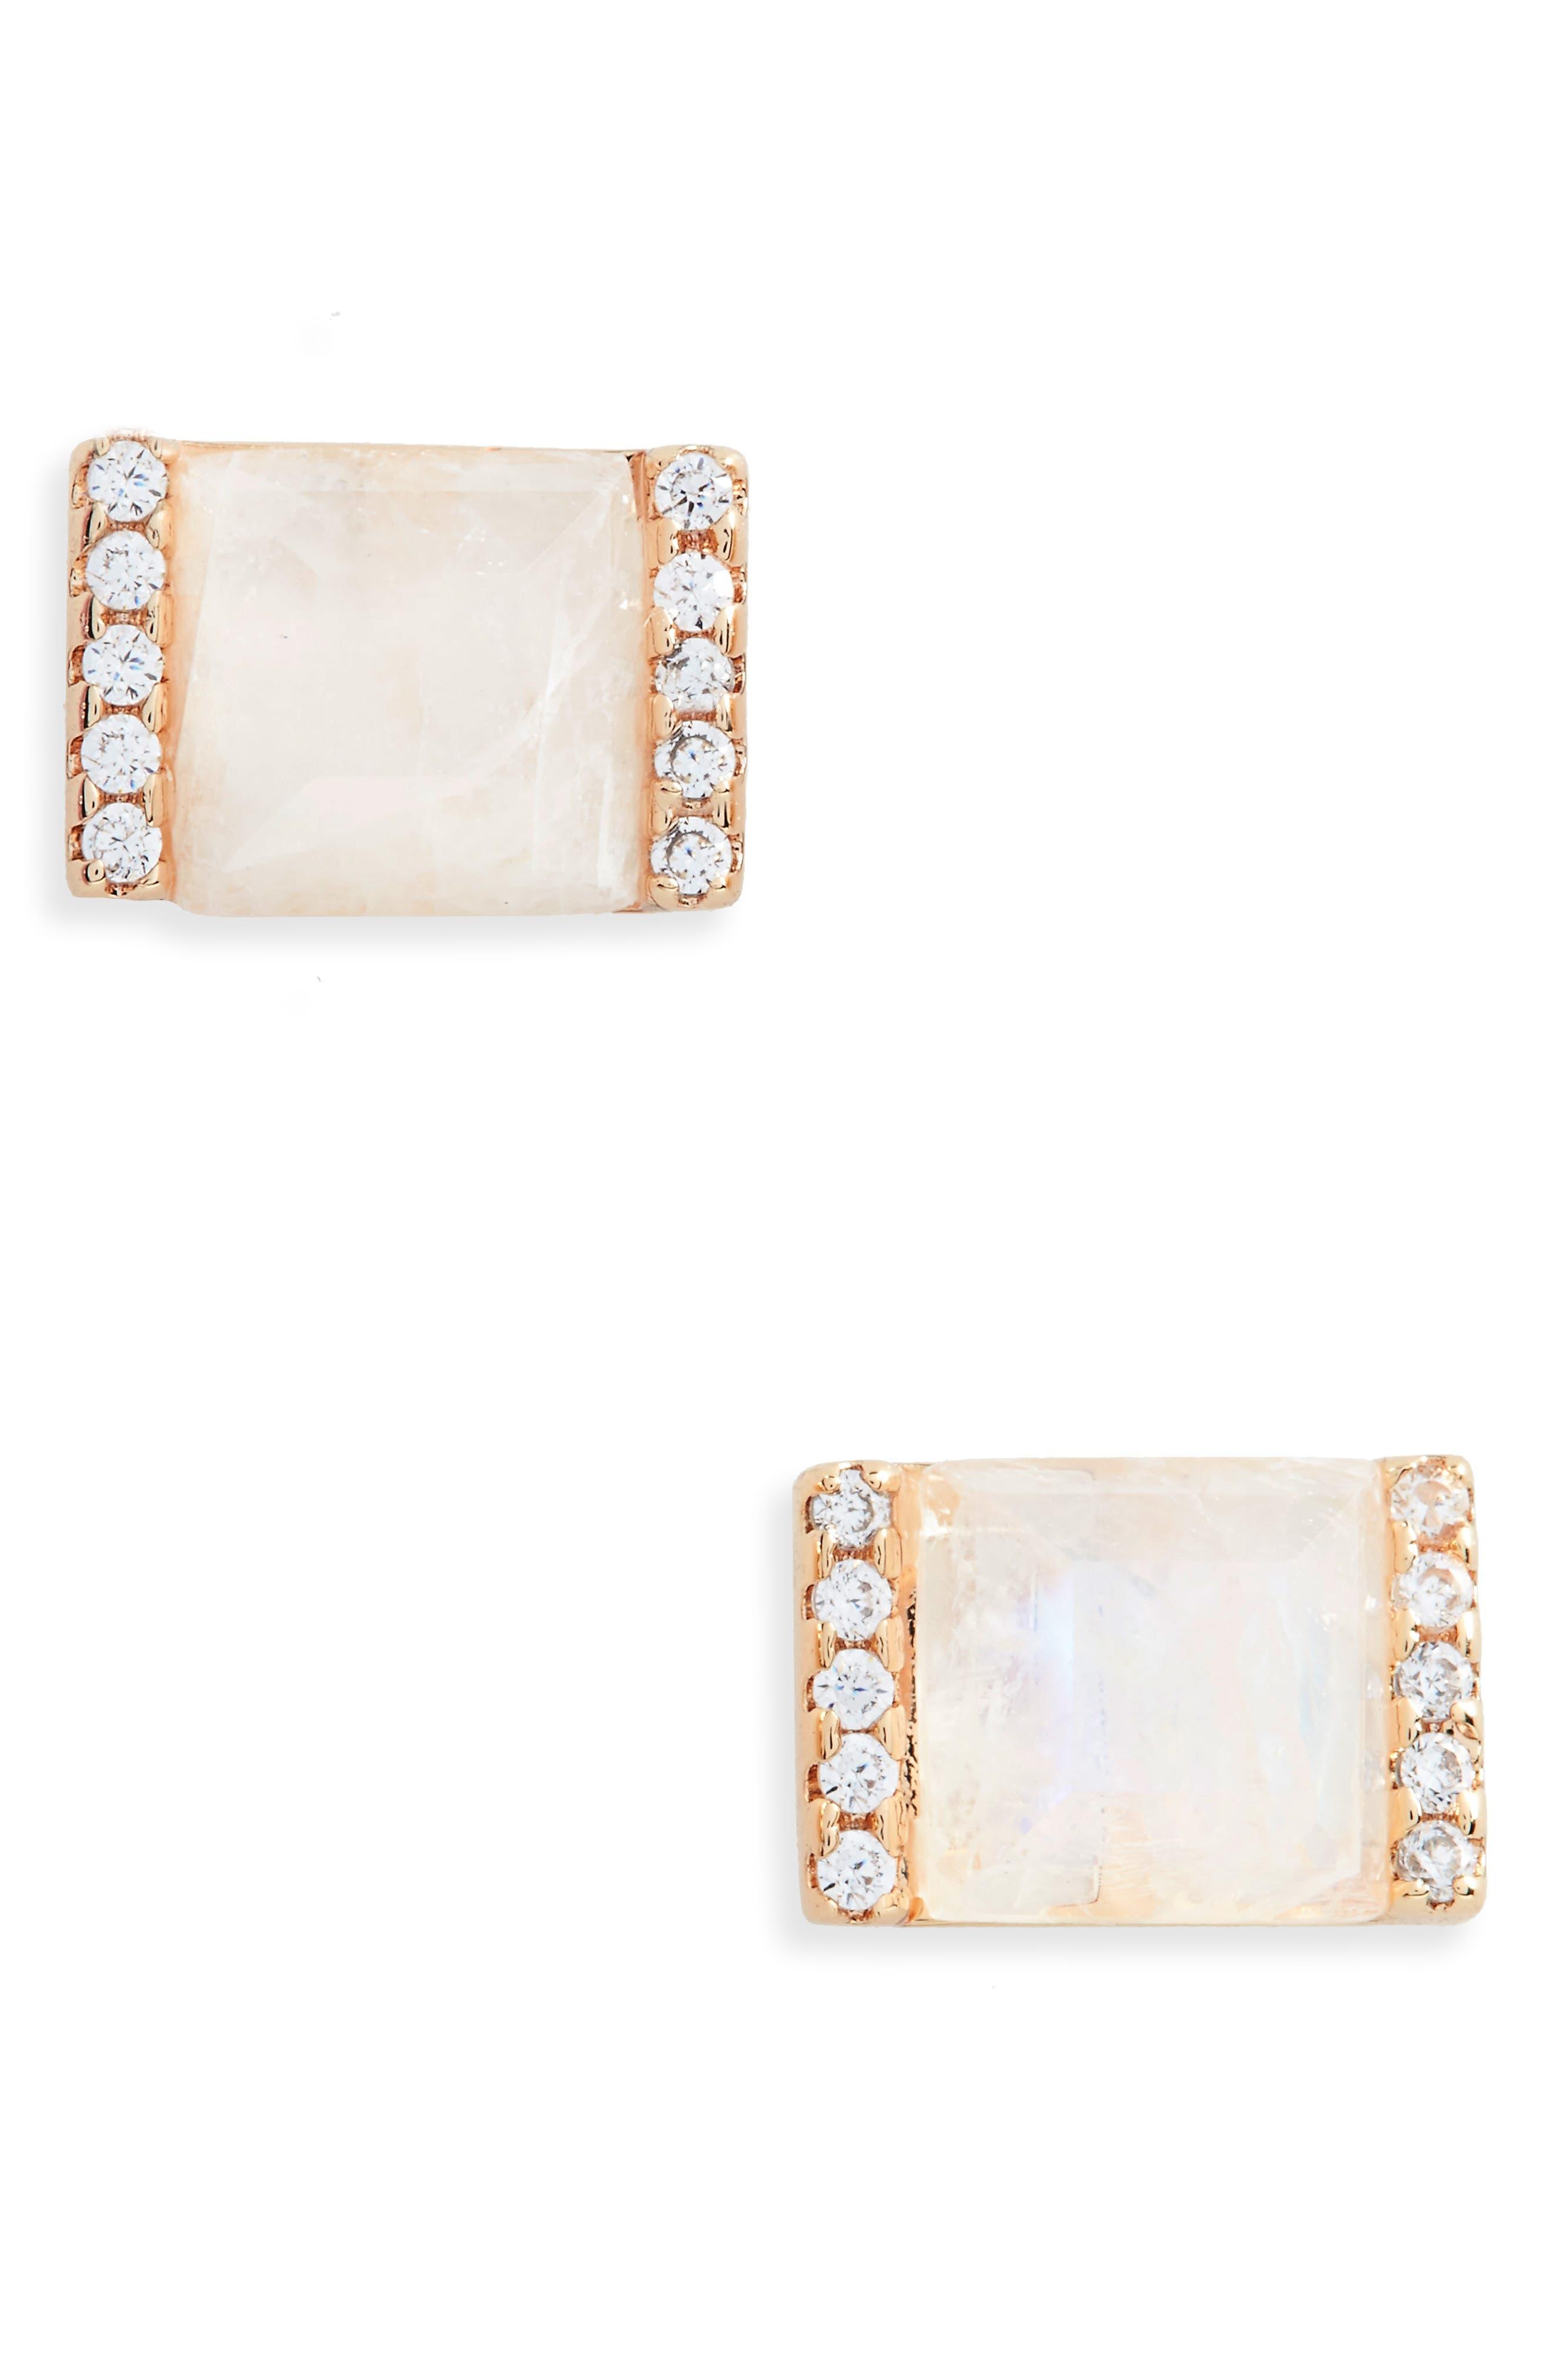 Vero Stud Earrings,                             Main thumbnail 1, color,                             Moonstone/ Gold